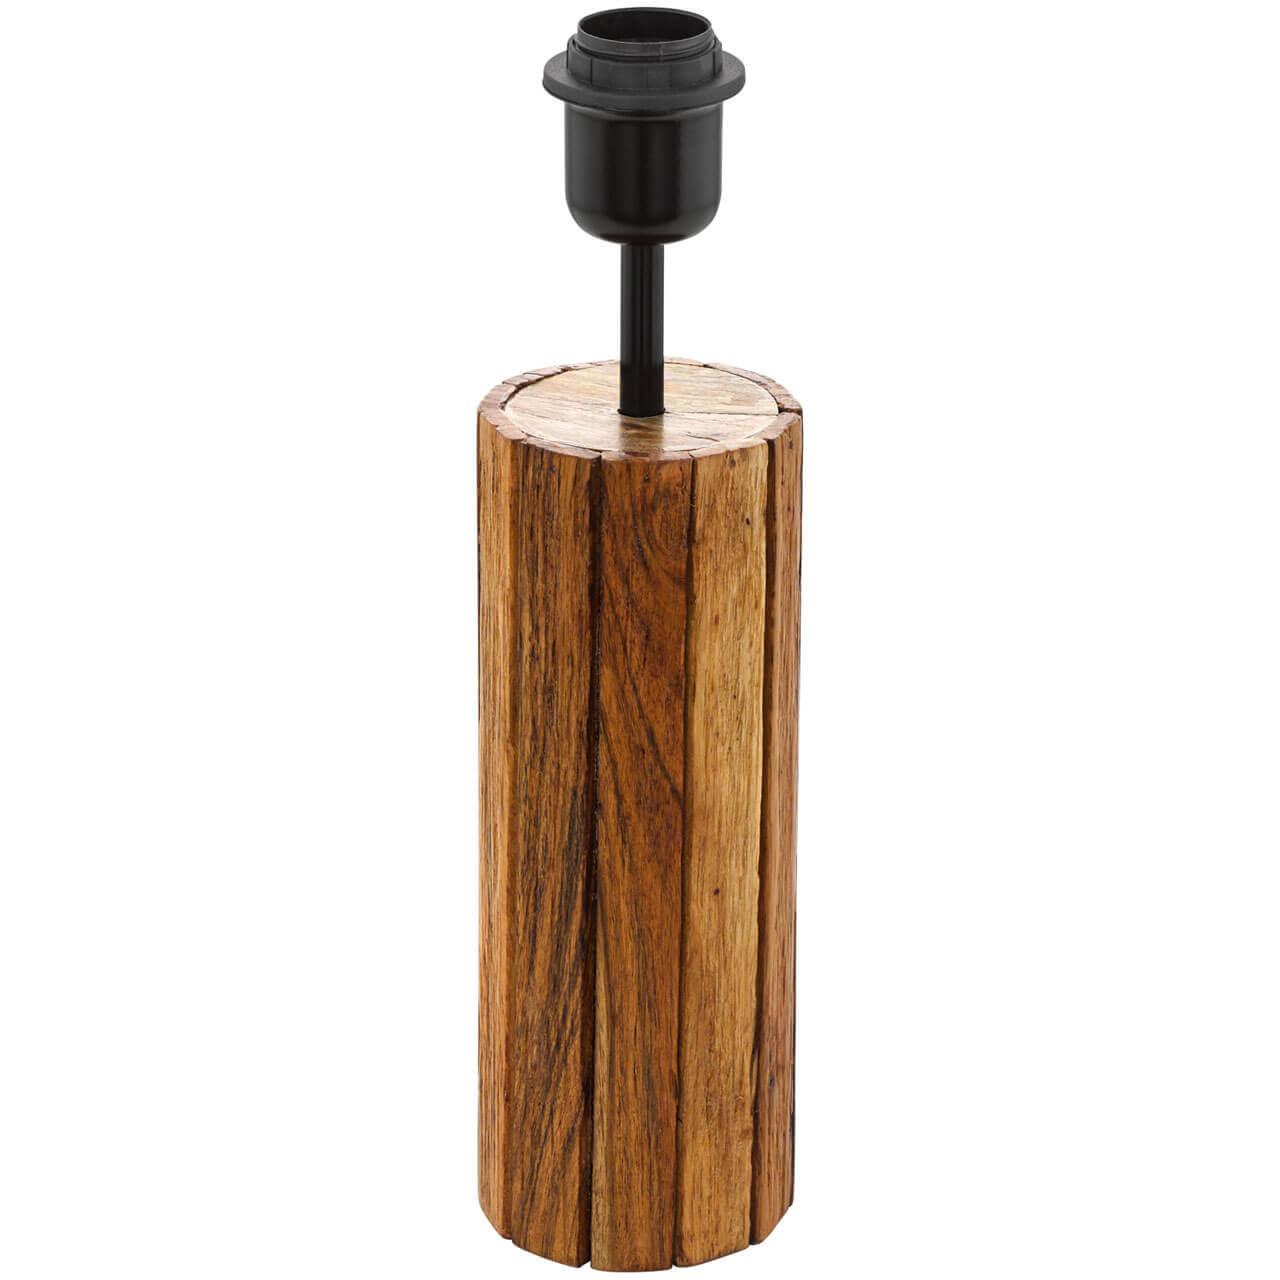 Основа для настольной лампы Eglo 49696 Thornhill